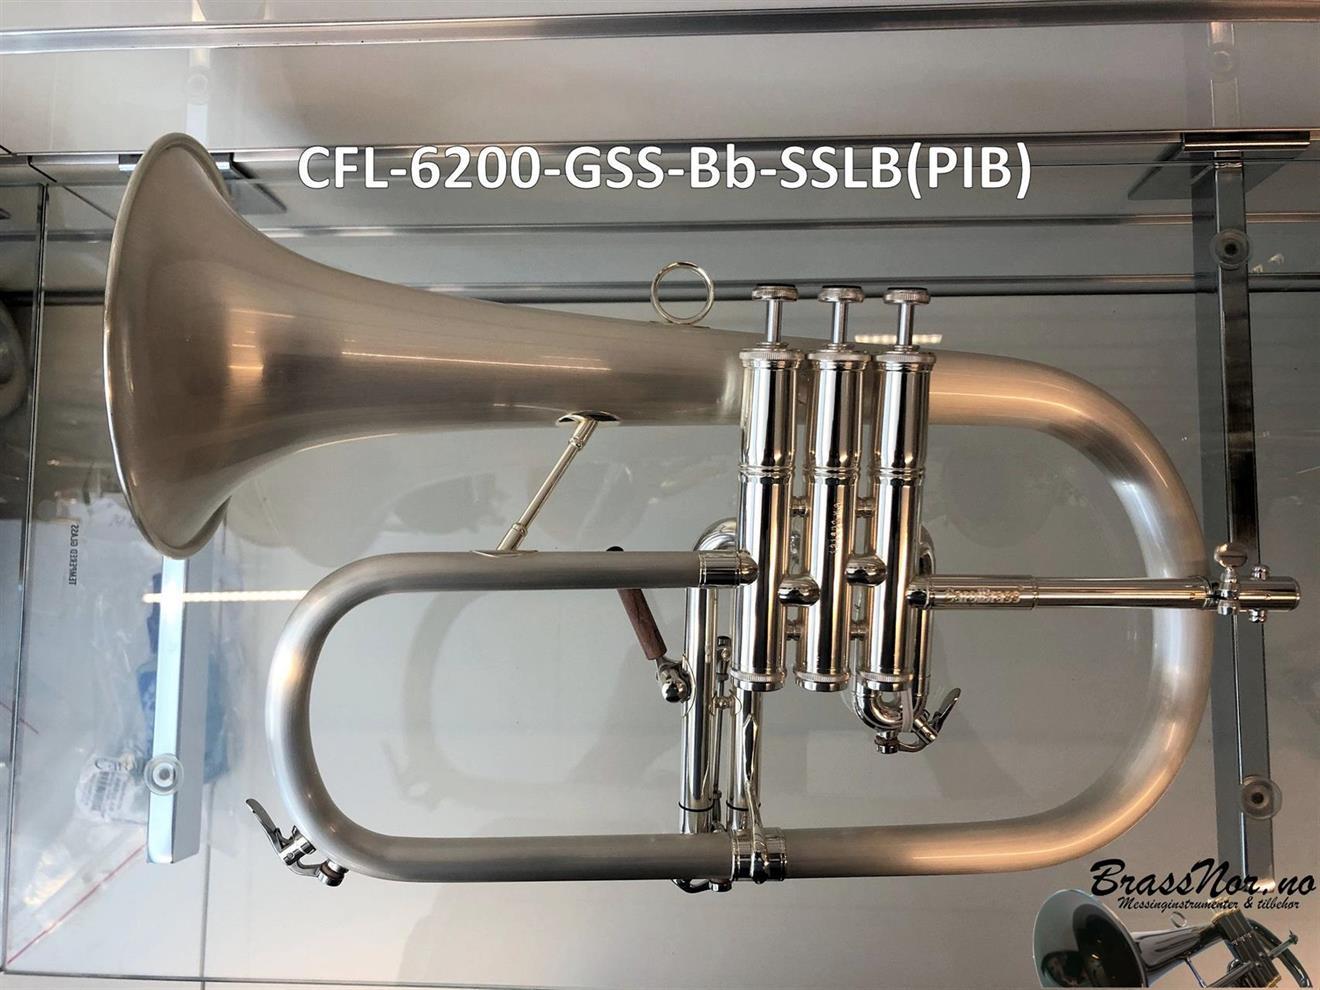 Bb flugel CFL-6200-GSS-Bb-SSLB(PIB)